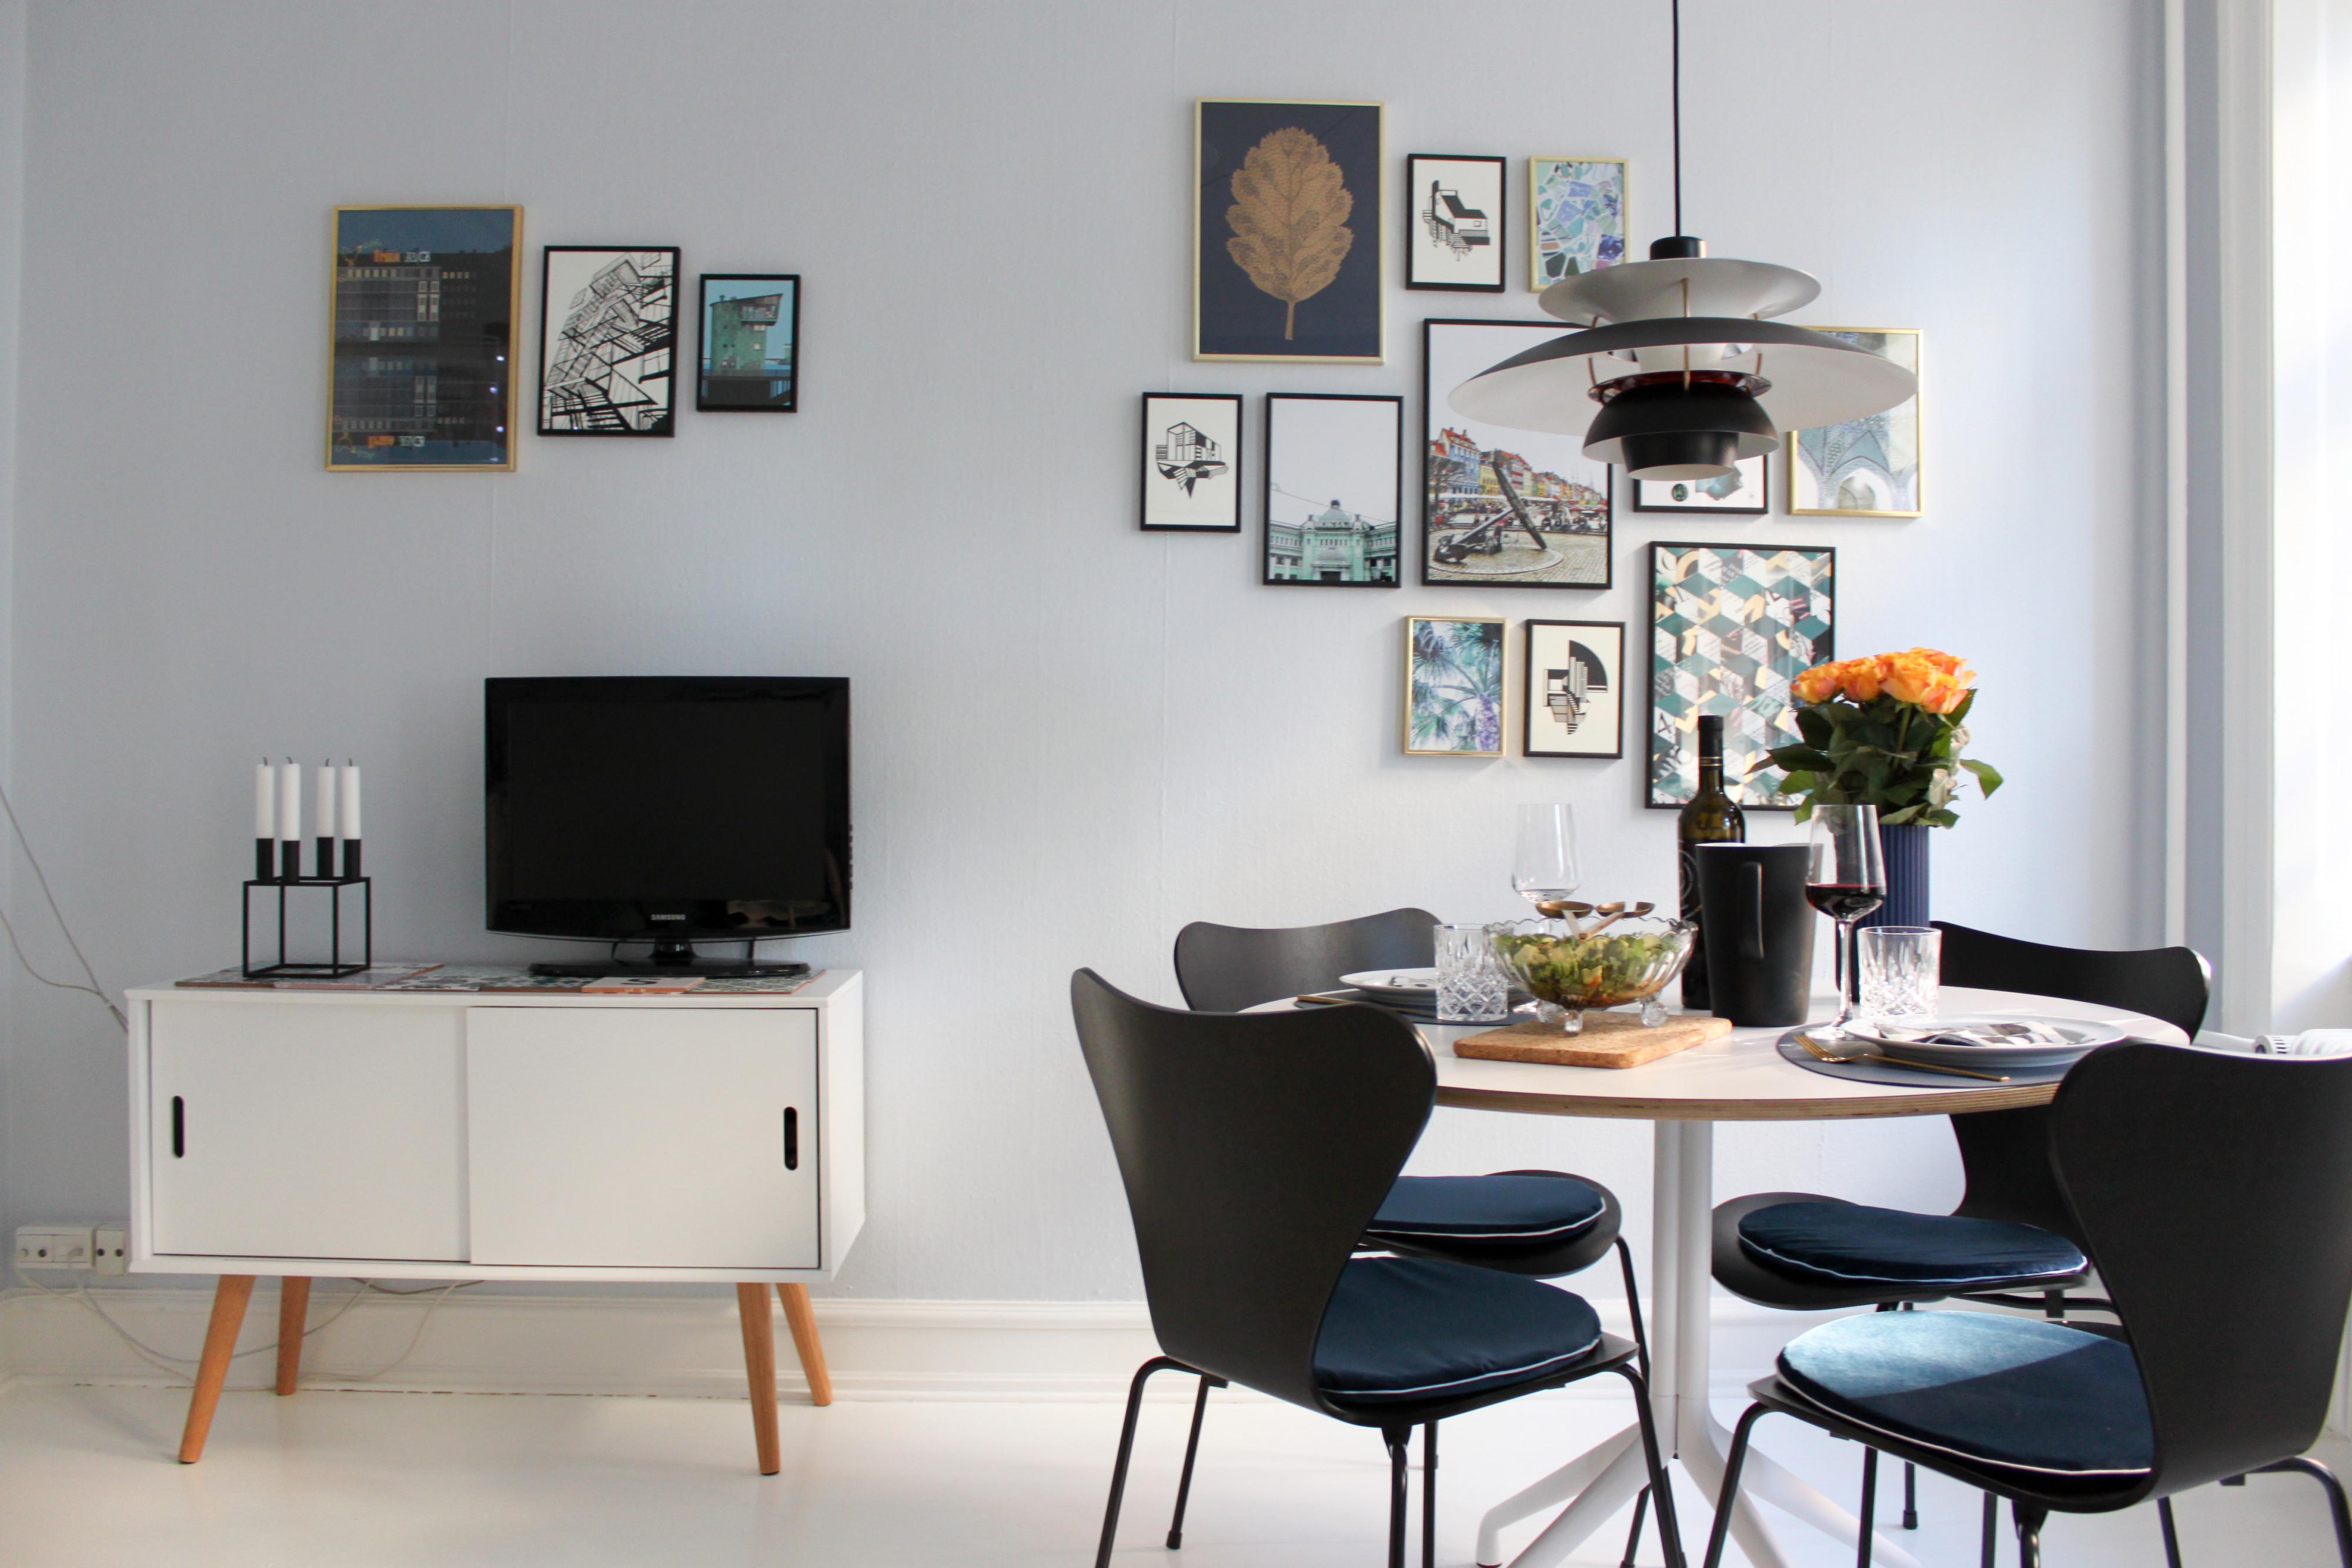 Der blev for første gang solgt over en million Airbnb-overnatninger i Danmark sidste år – til gengæld faldt væksten fra 2017 i forhold til 2018. Pressefoto fra Airbnb.